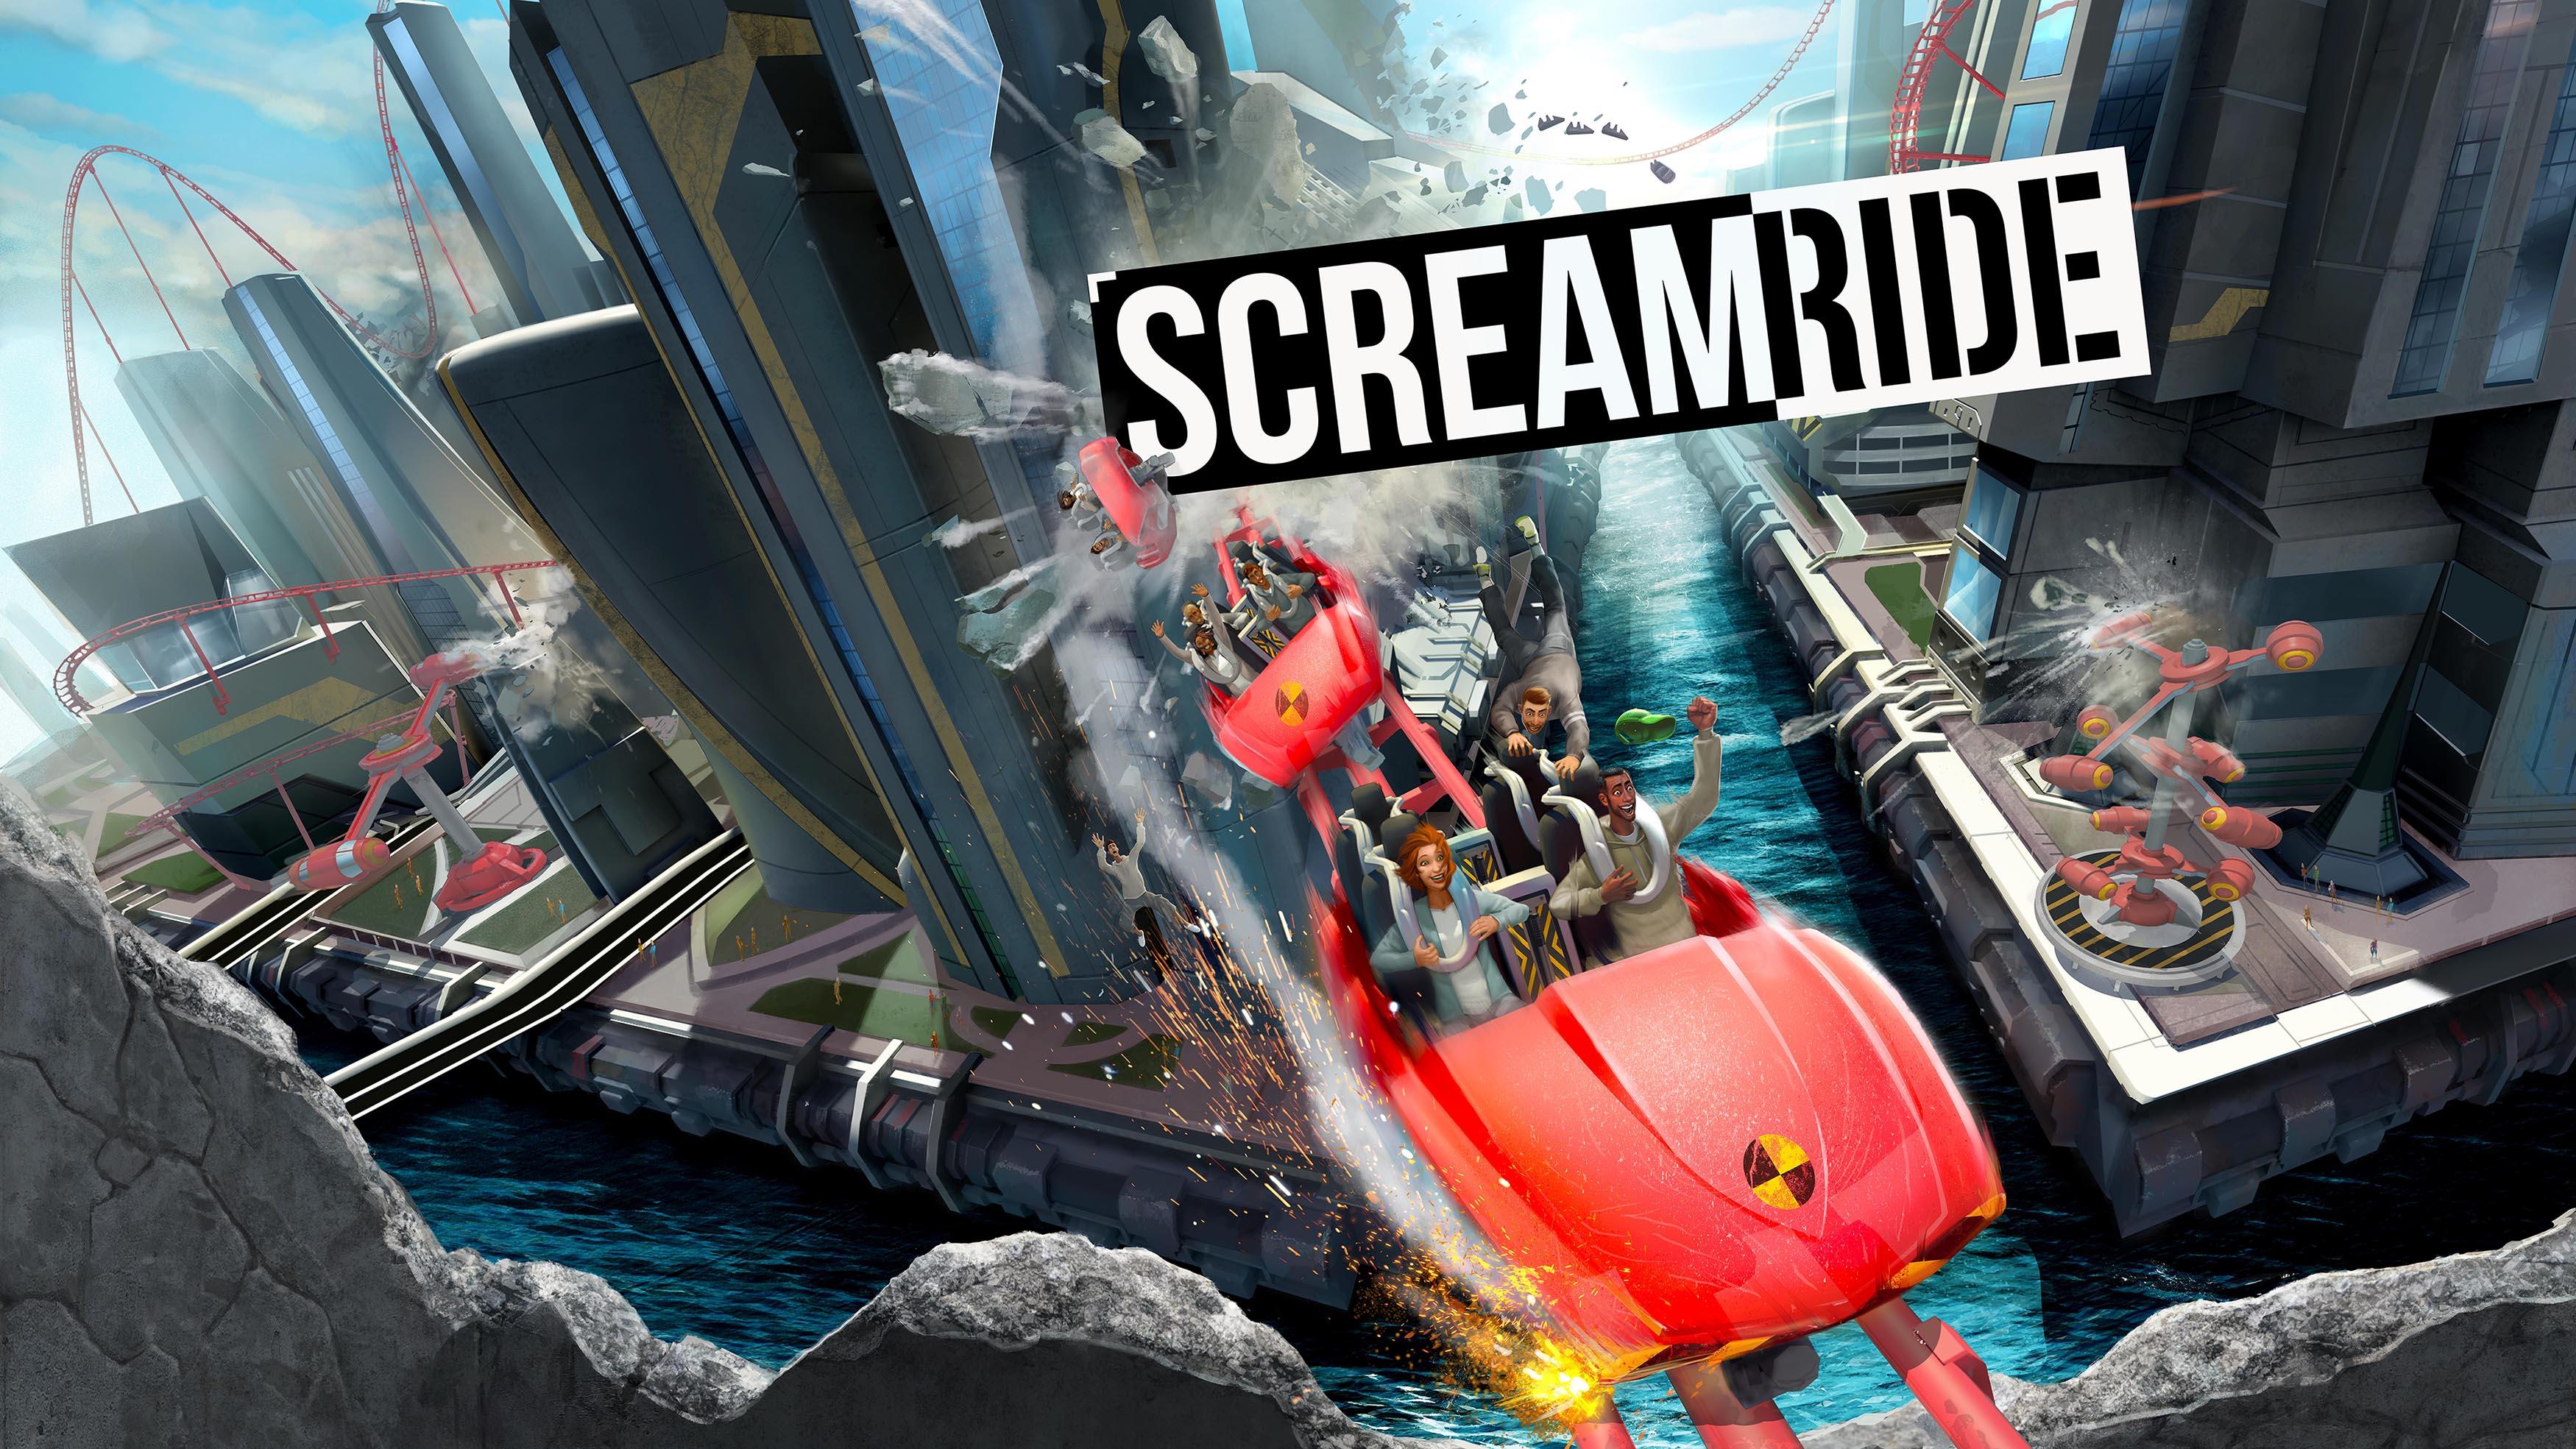 Cztery powody, dla których ScreamRide zasługuje na znacznie więcej hałasu w mediach – recenzja Spider's Web